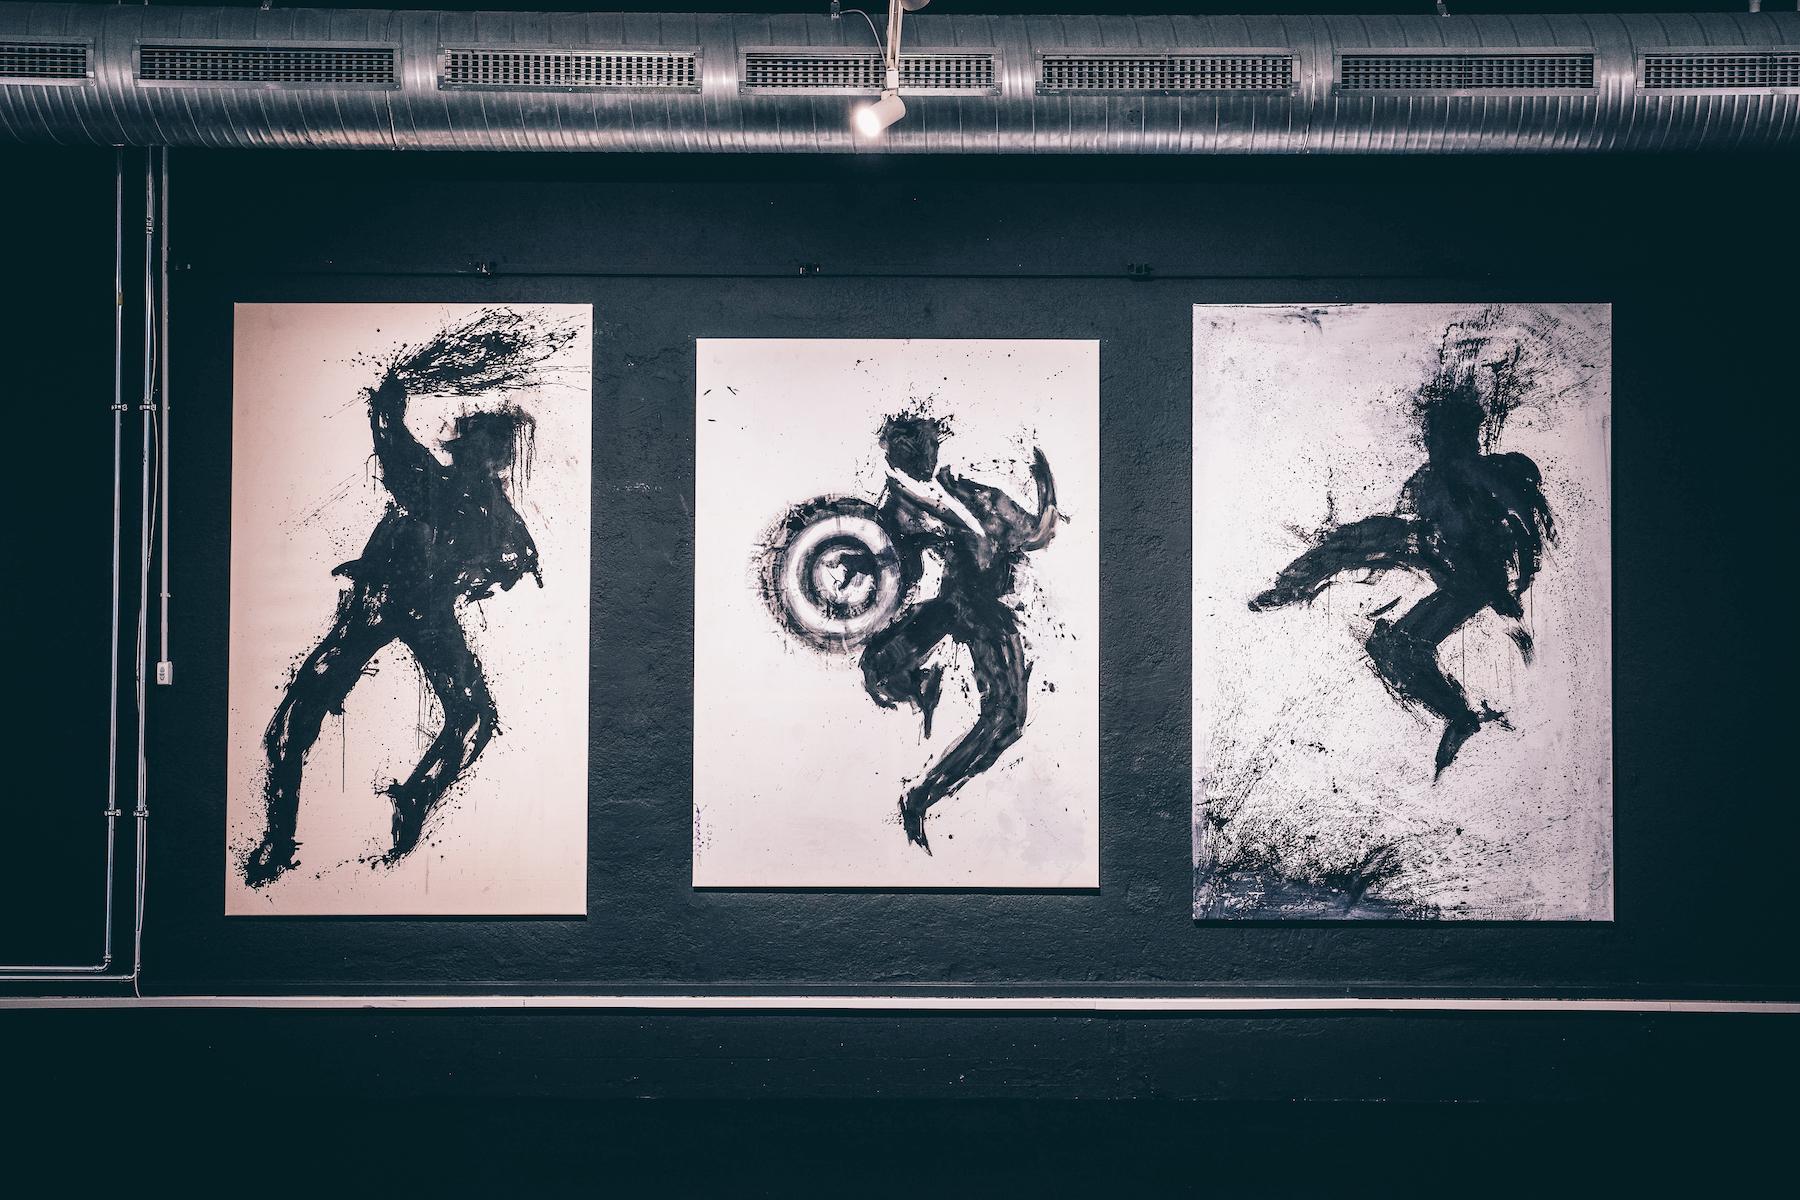 Iconen der Urban Art MUCA – ©wunderland media GmbH